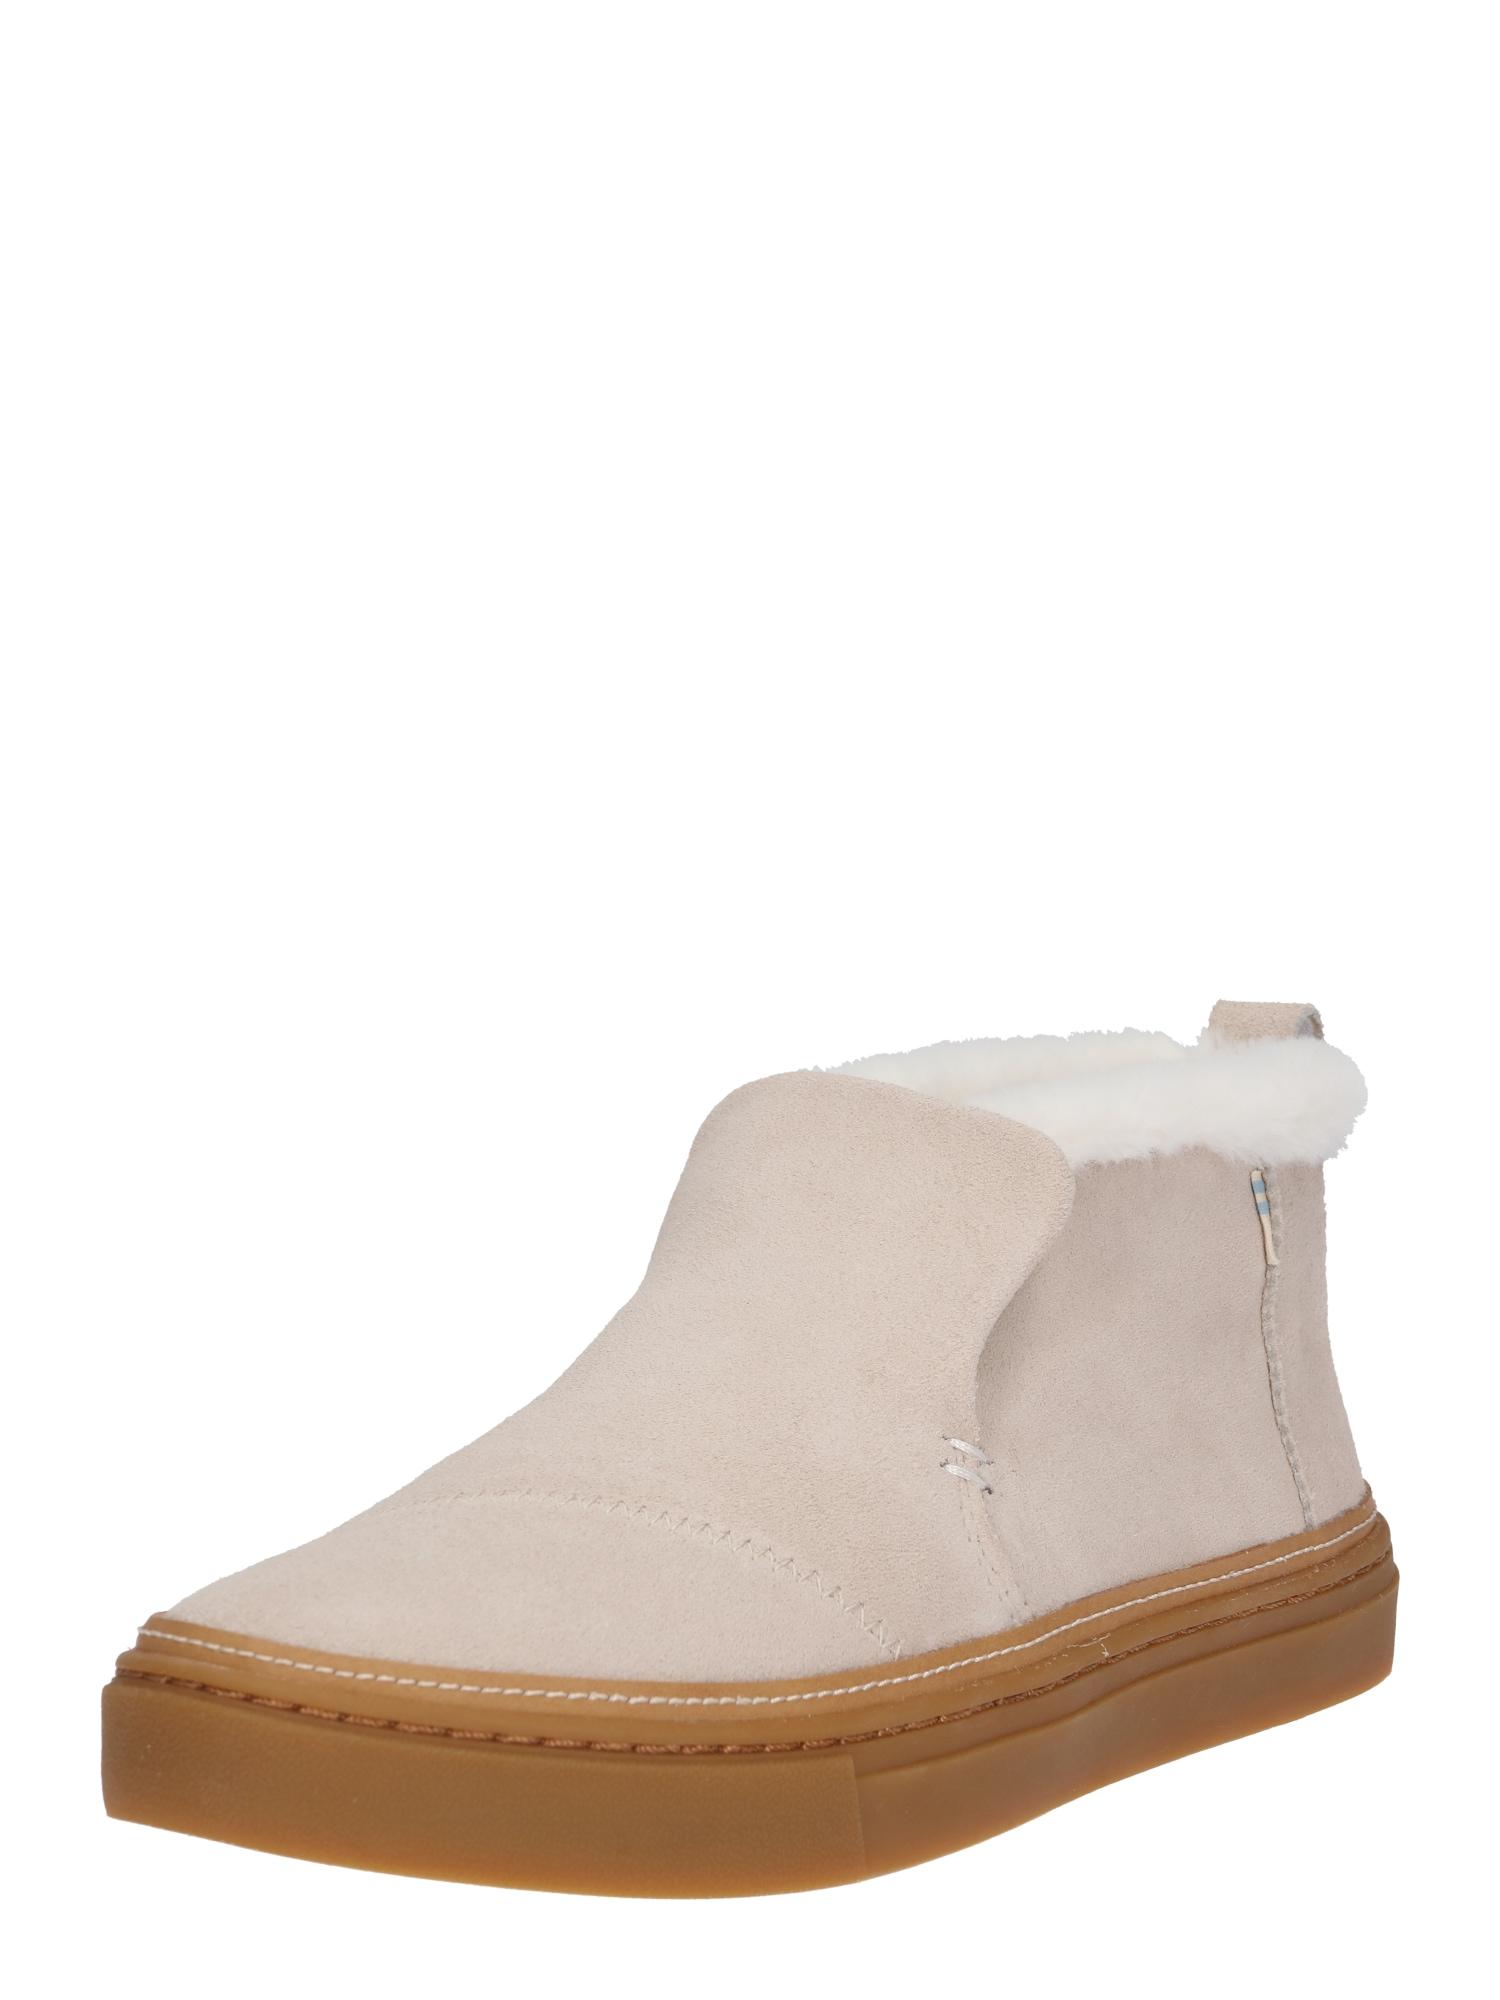 Slip on boty Paxton starobéžová TOMS